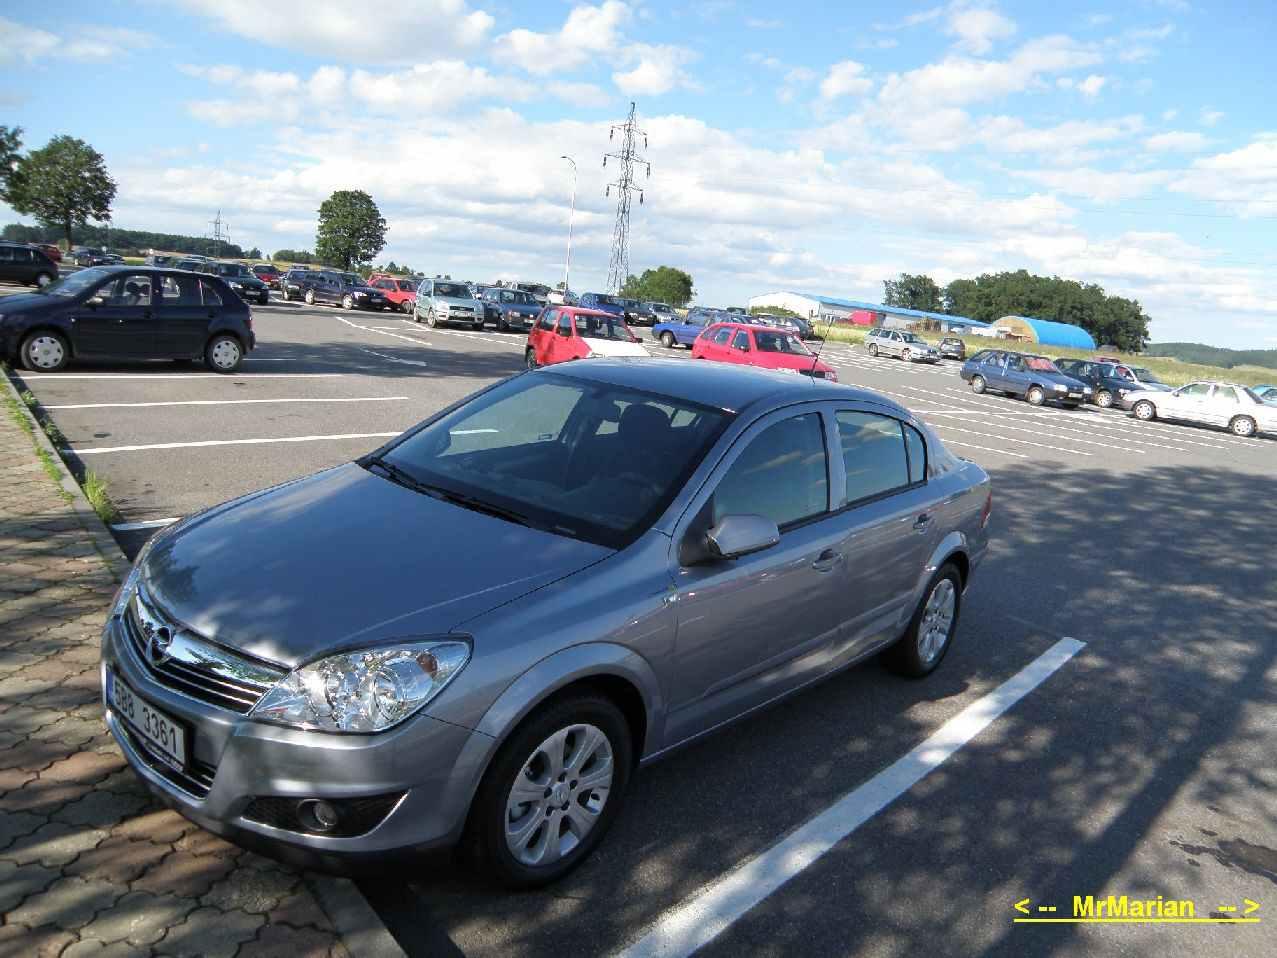 MrMarian - Opel Astra H 2009 - sedan